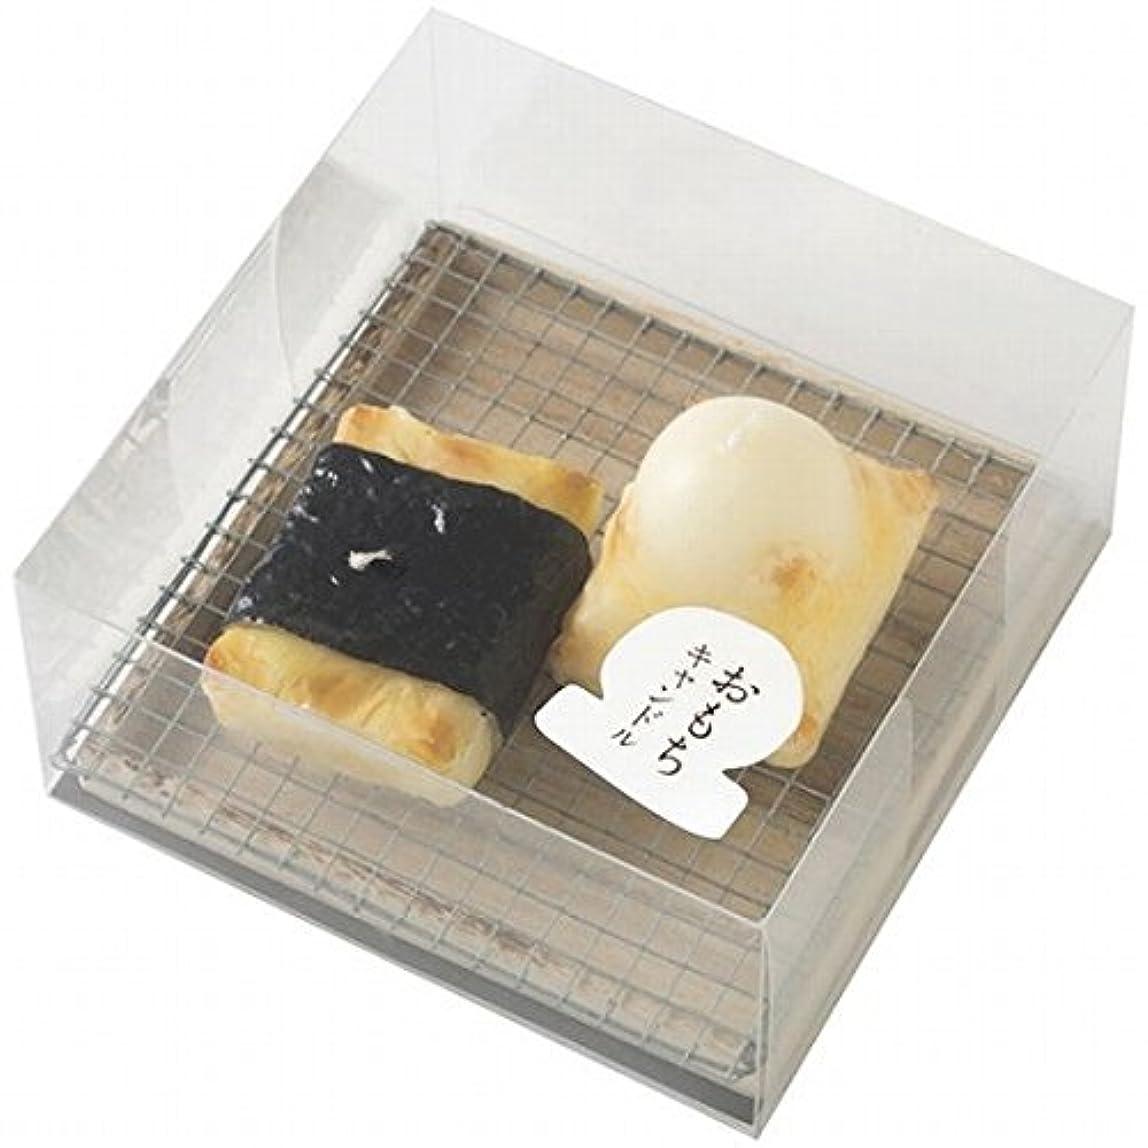 ワーム手荷物咳カメヤマキャンドル(kameyama candle) おもちキャンドル